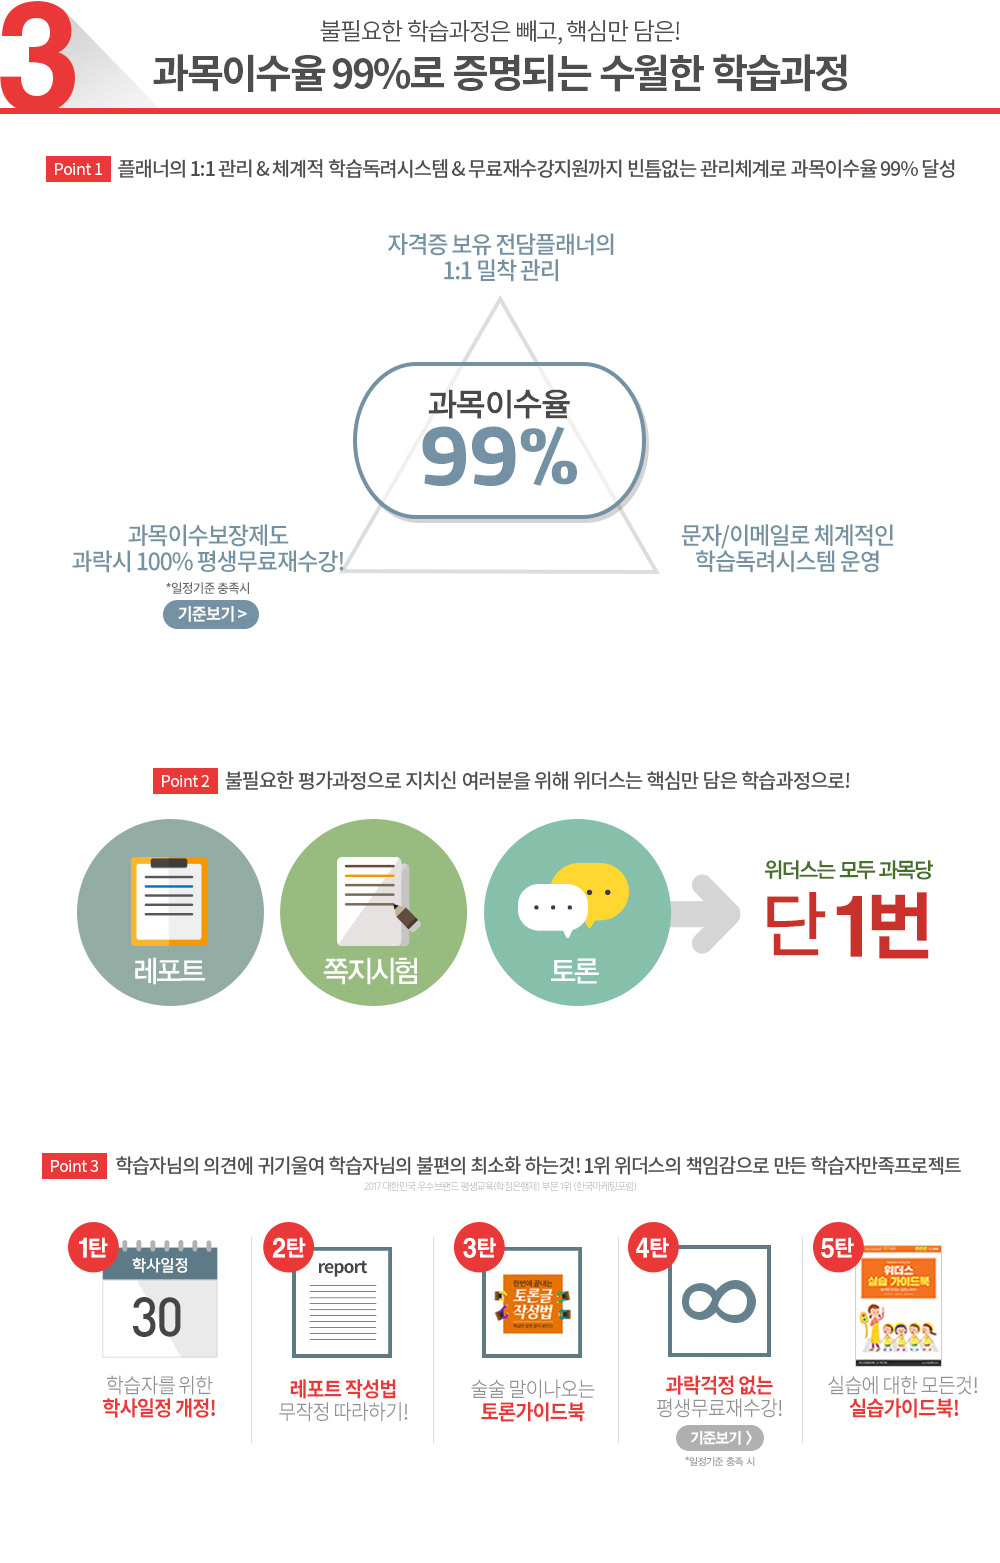 과목이수율99%로 증명되는 수월한 학습과정